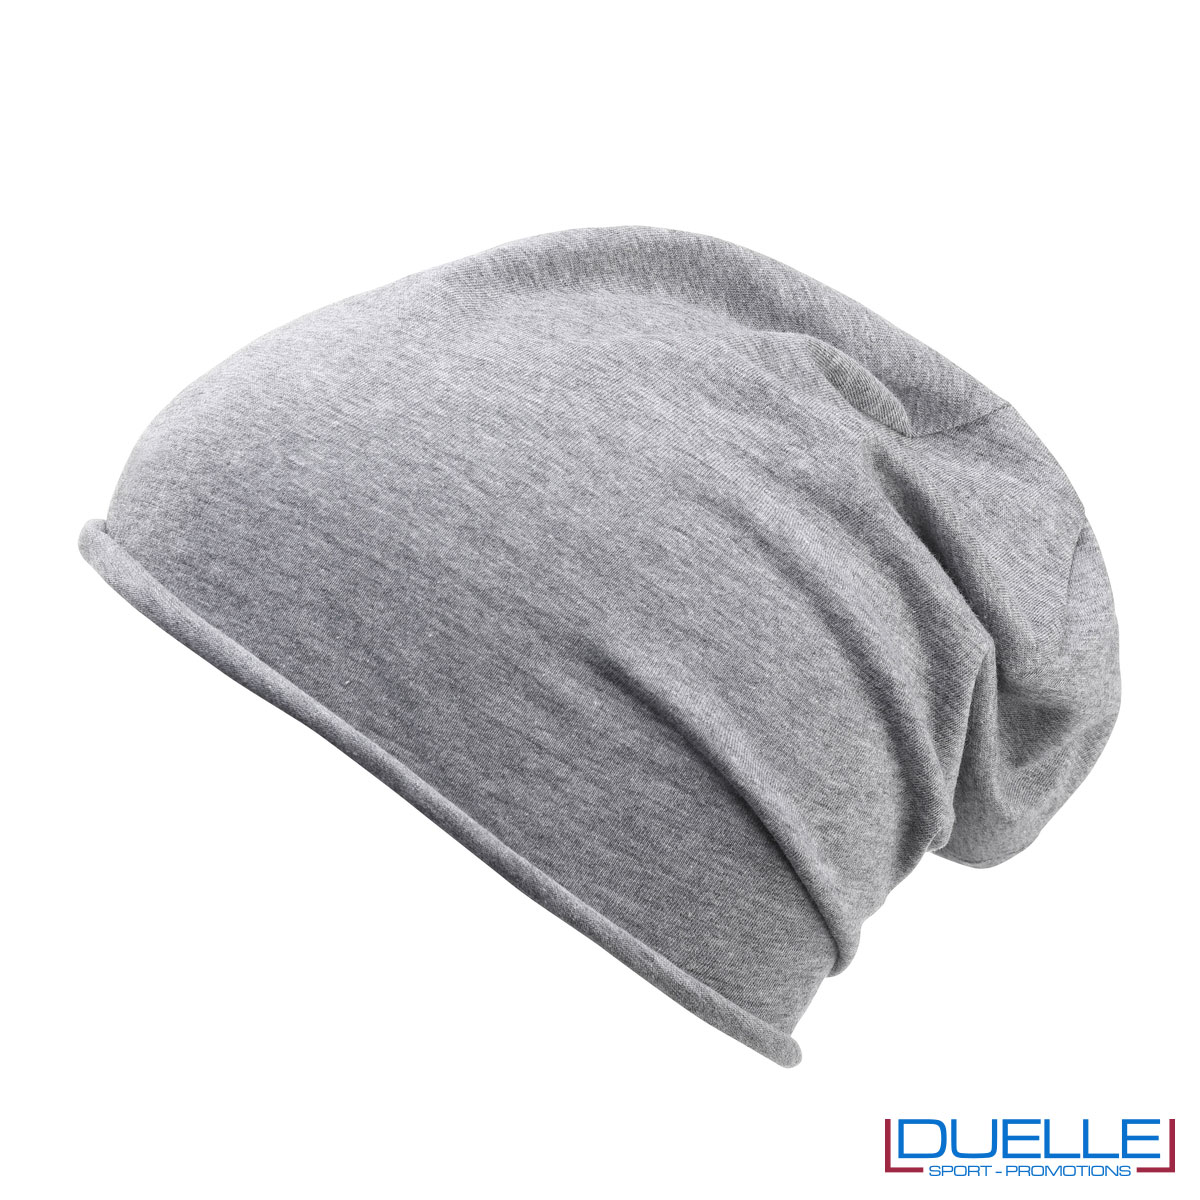 Cuffia cotone organico colore grigio melange personalizzata